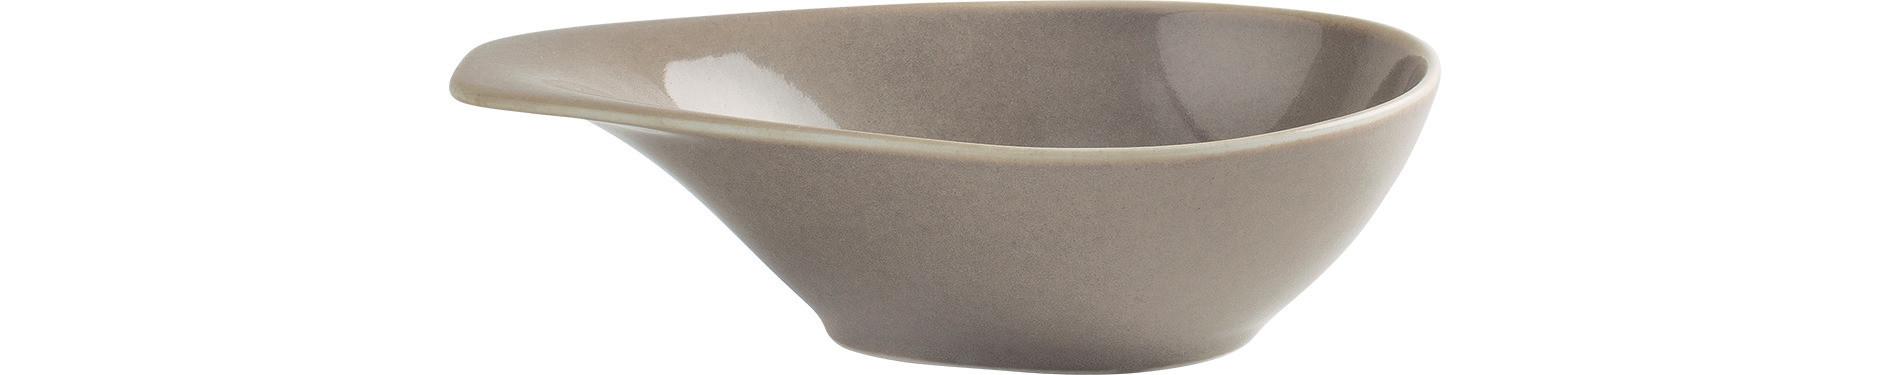 Homestyle, Schale mit Griff 178 x 127 mm / 0,25 l desert sand